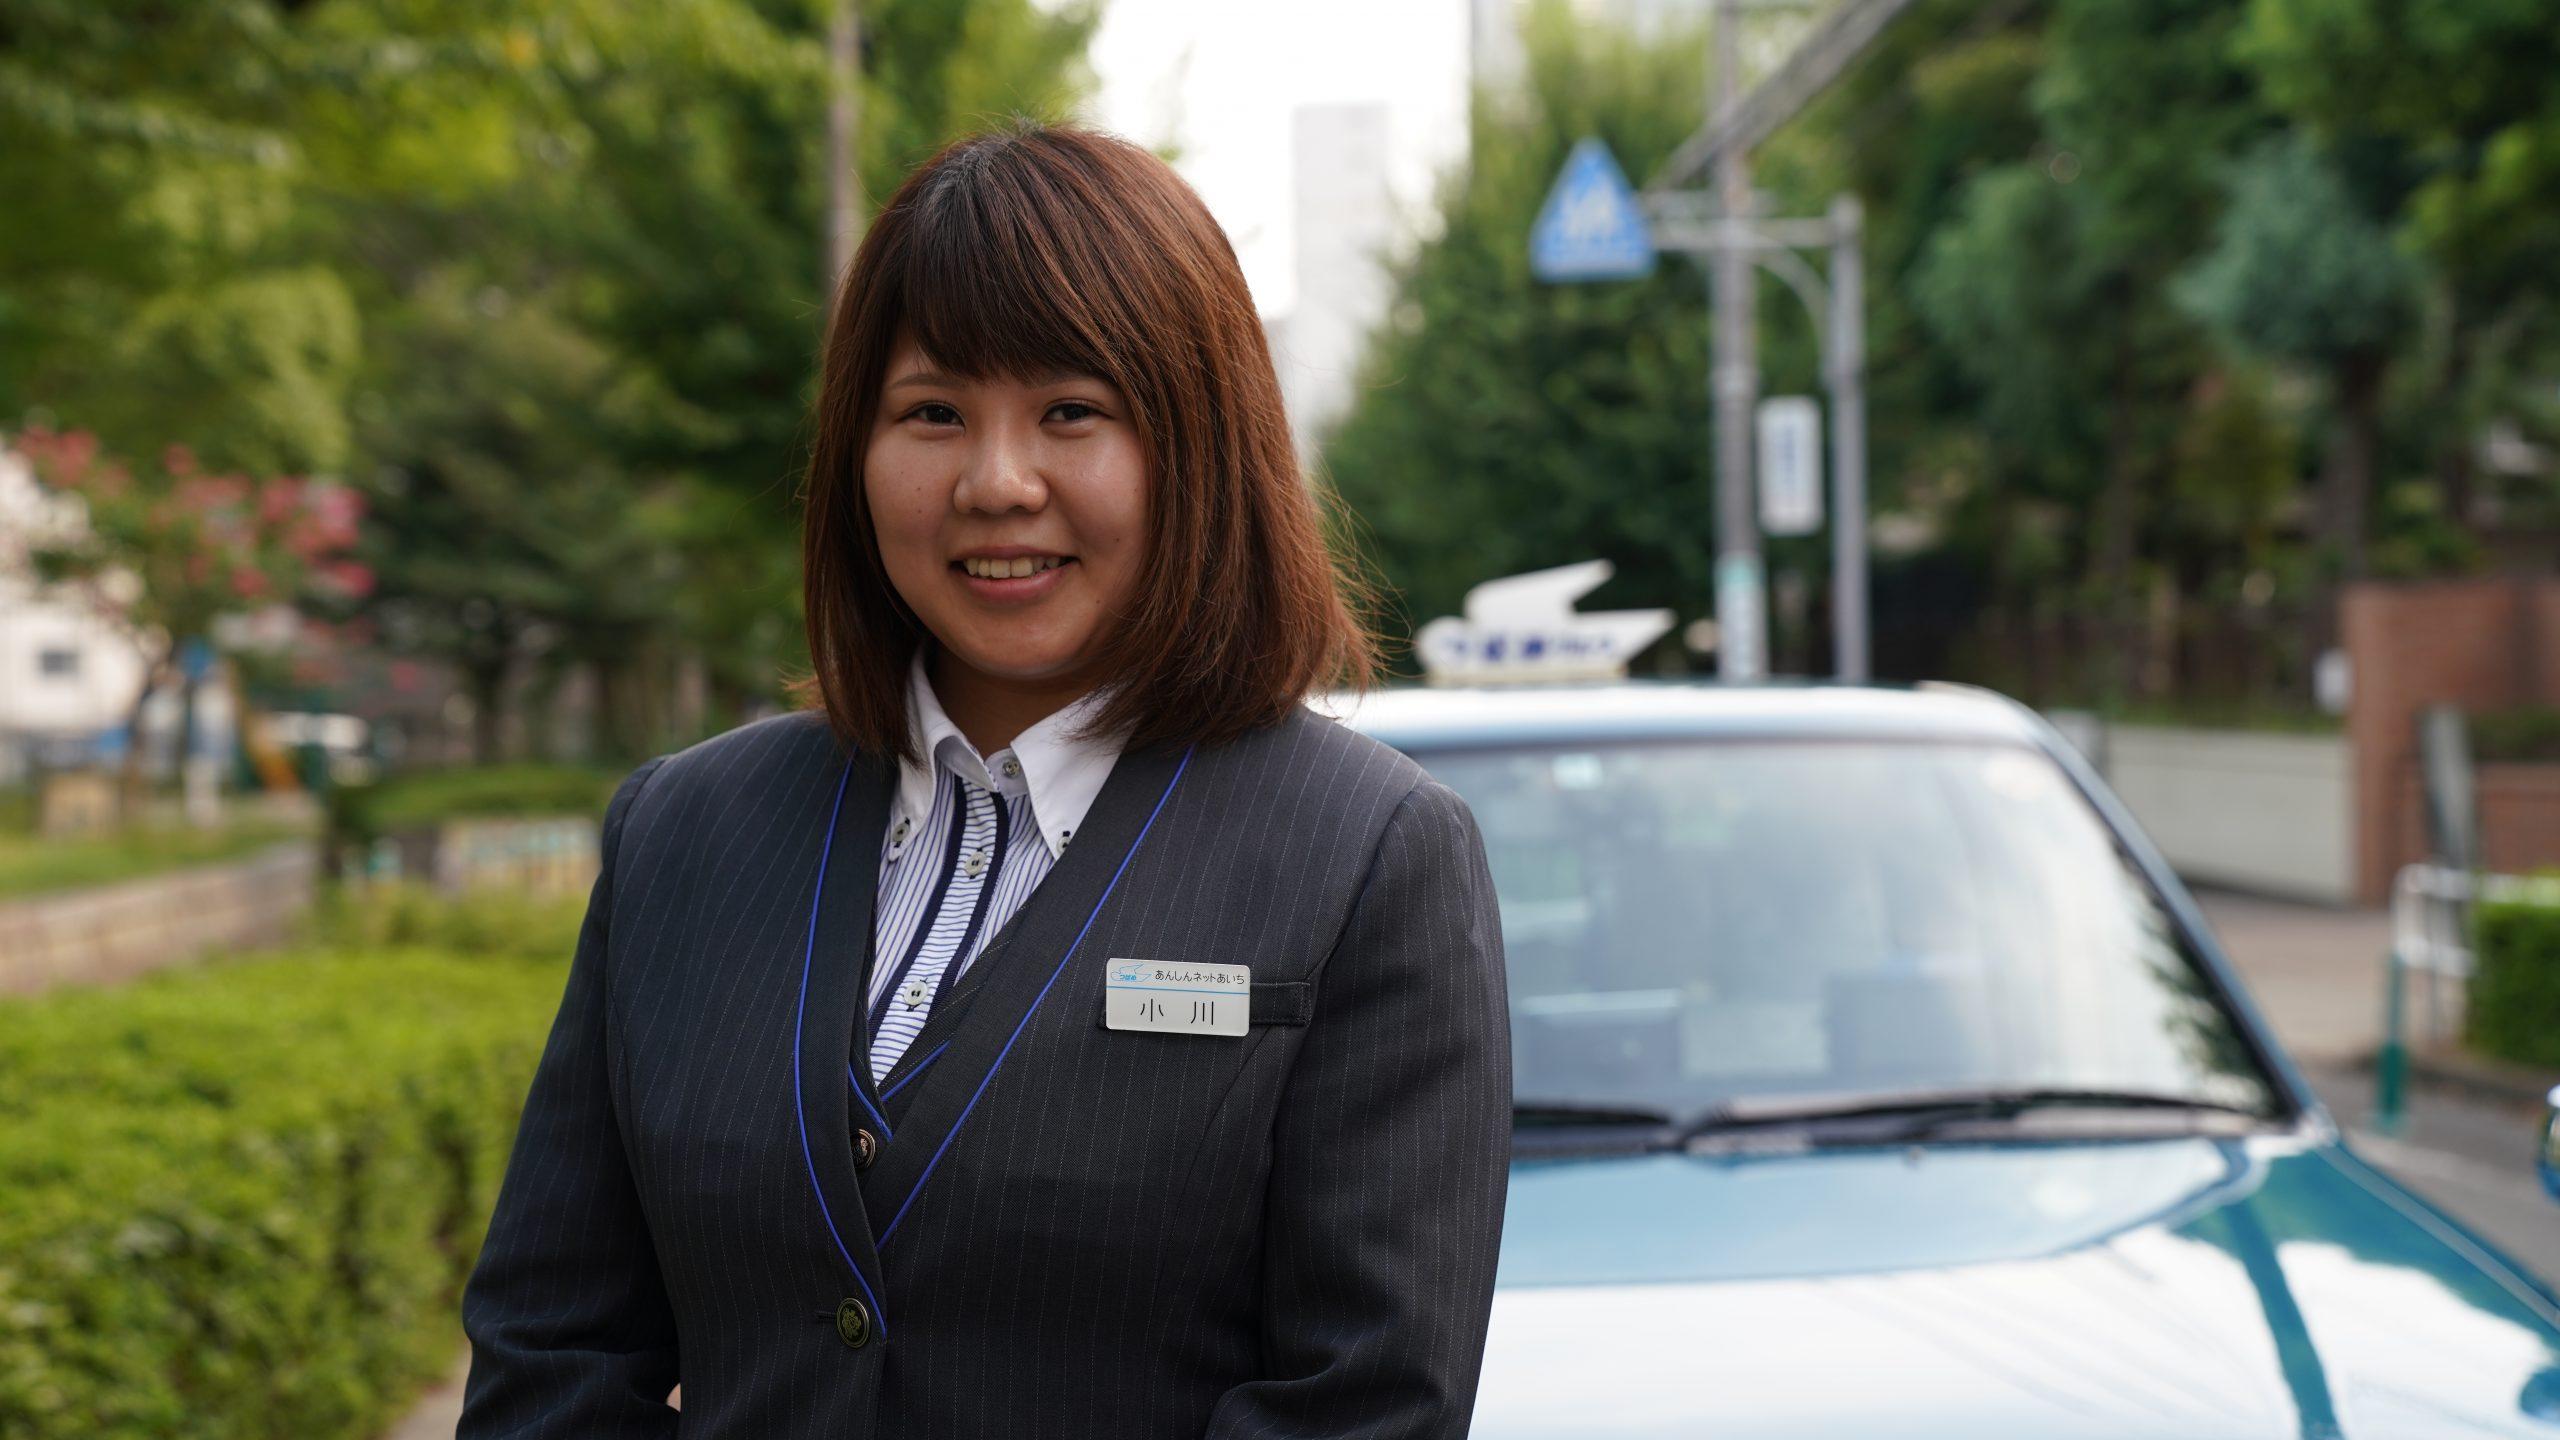 岐阜 陣痛 タクシー